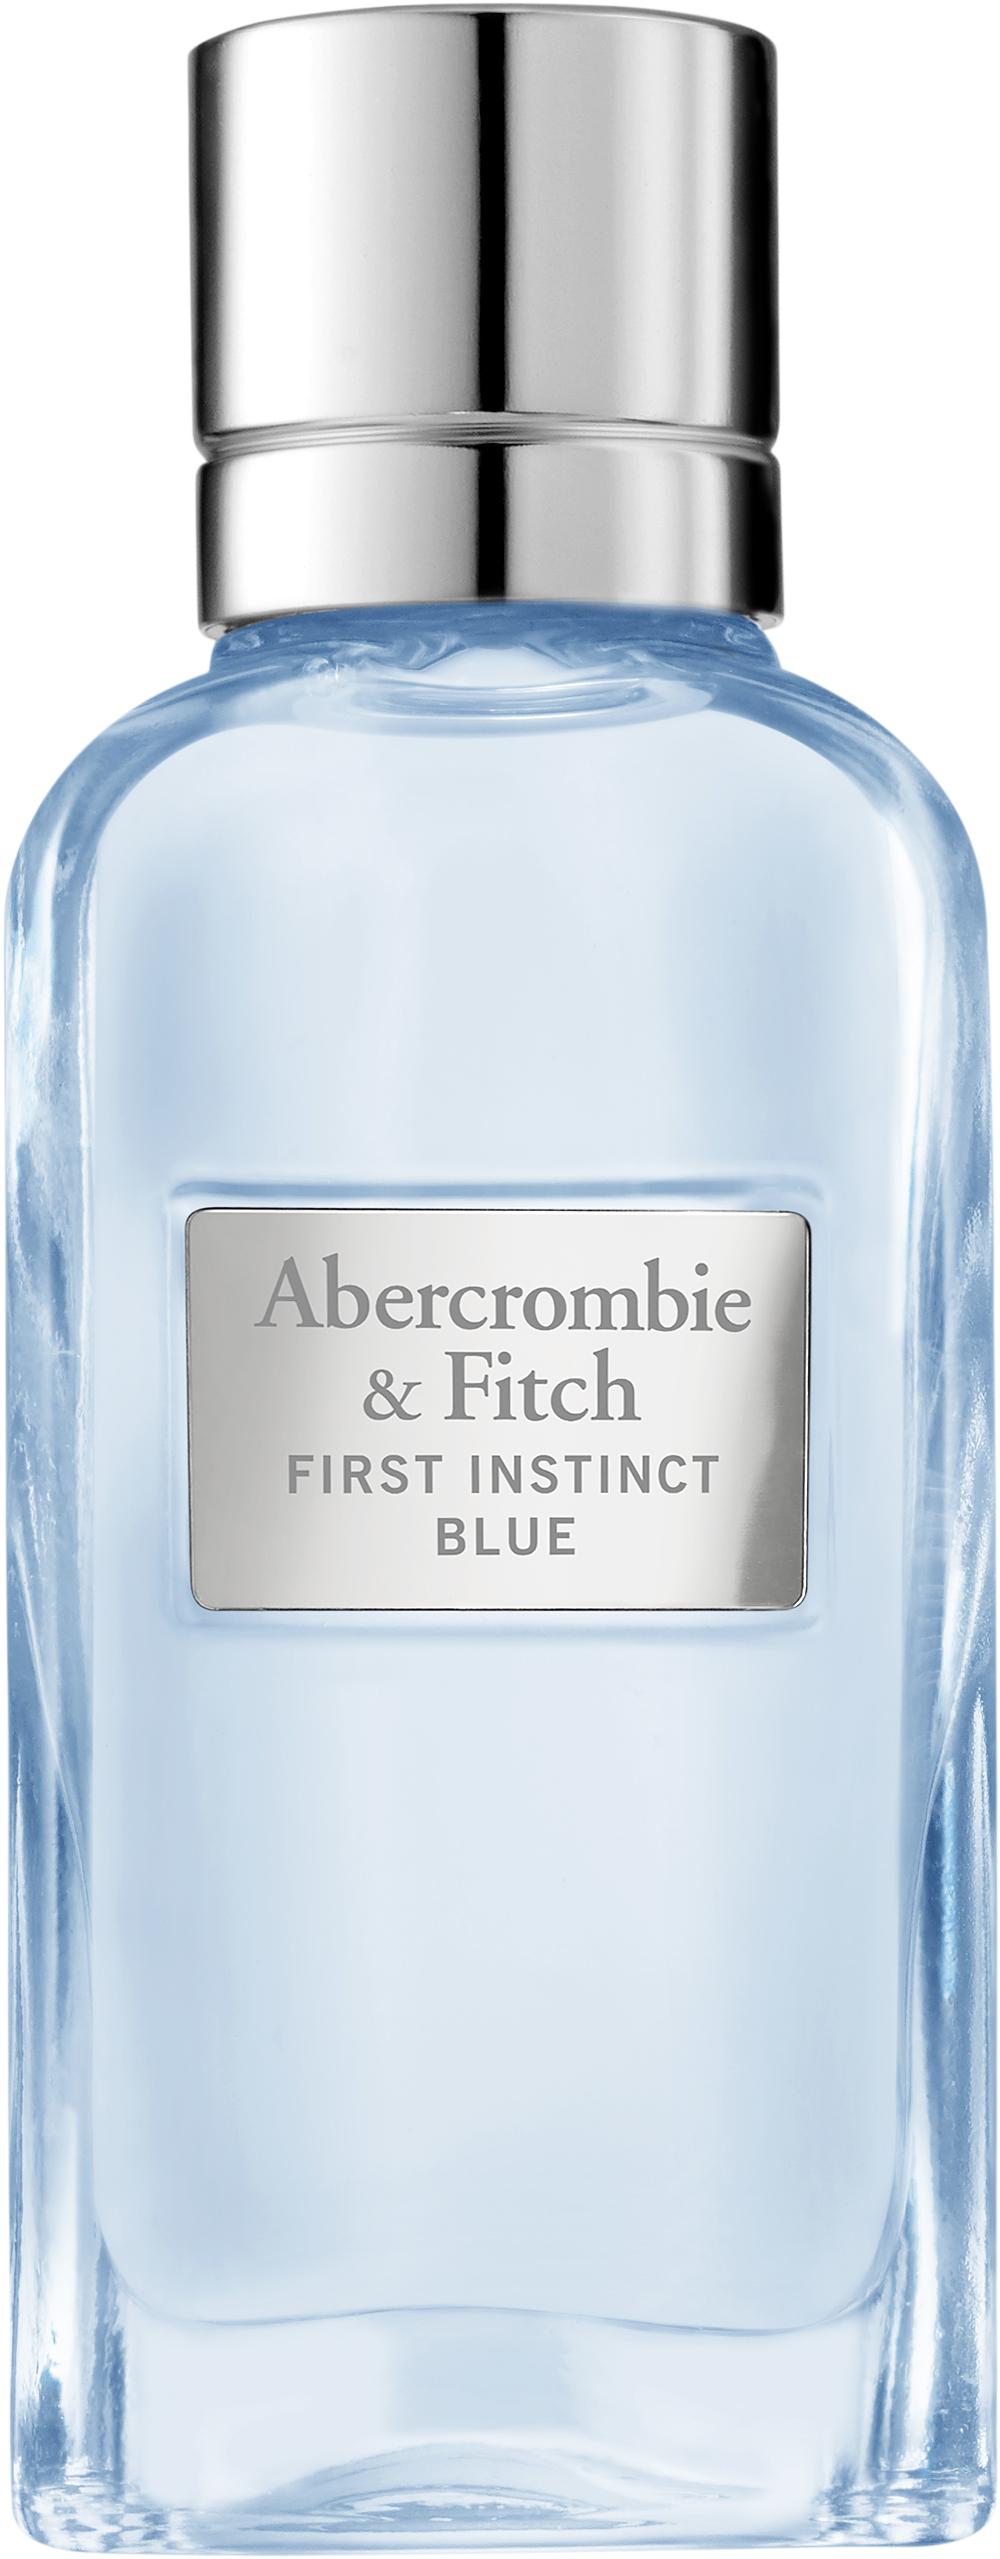 Bilde av Abercrombie & Fitch - First Instinct Blue For Her Edp 30 Ml